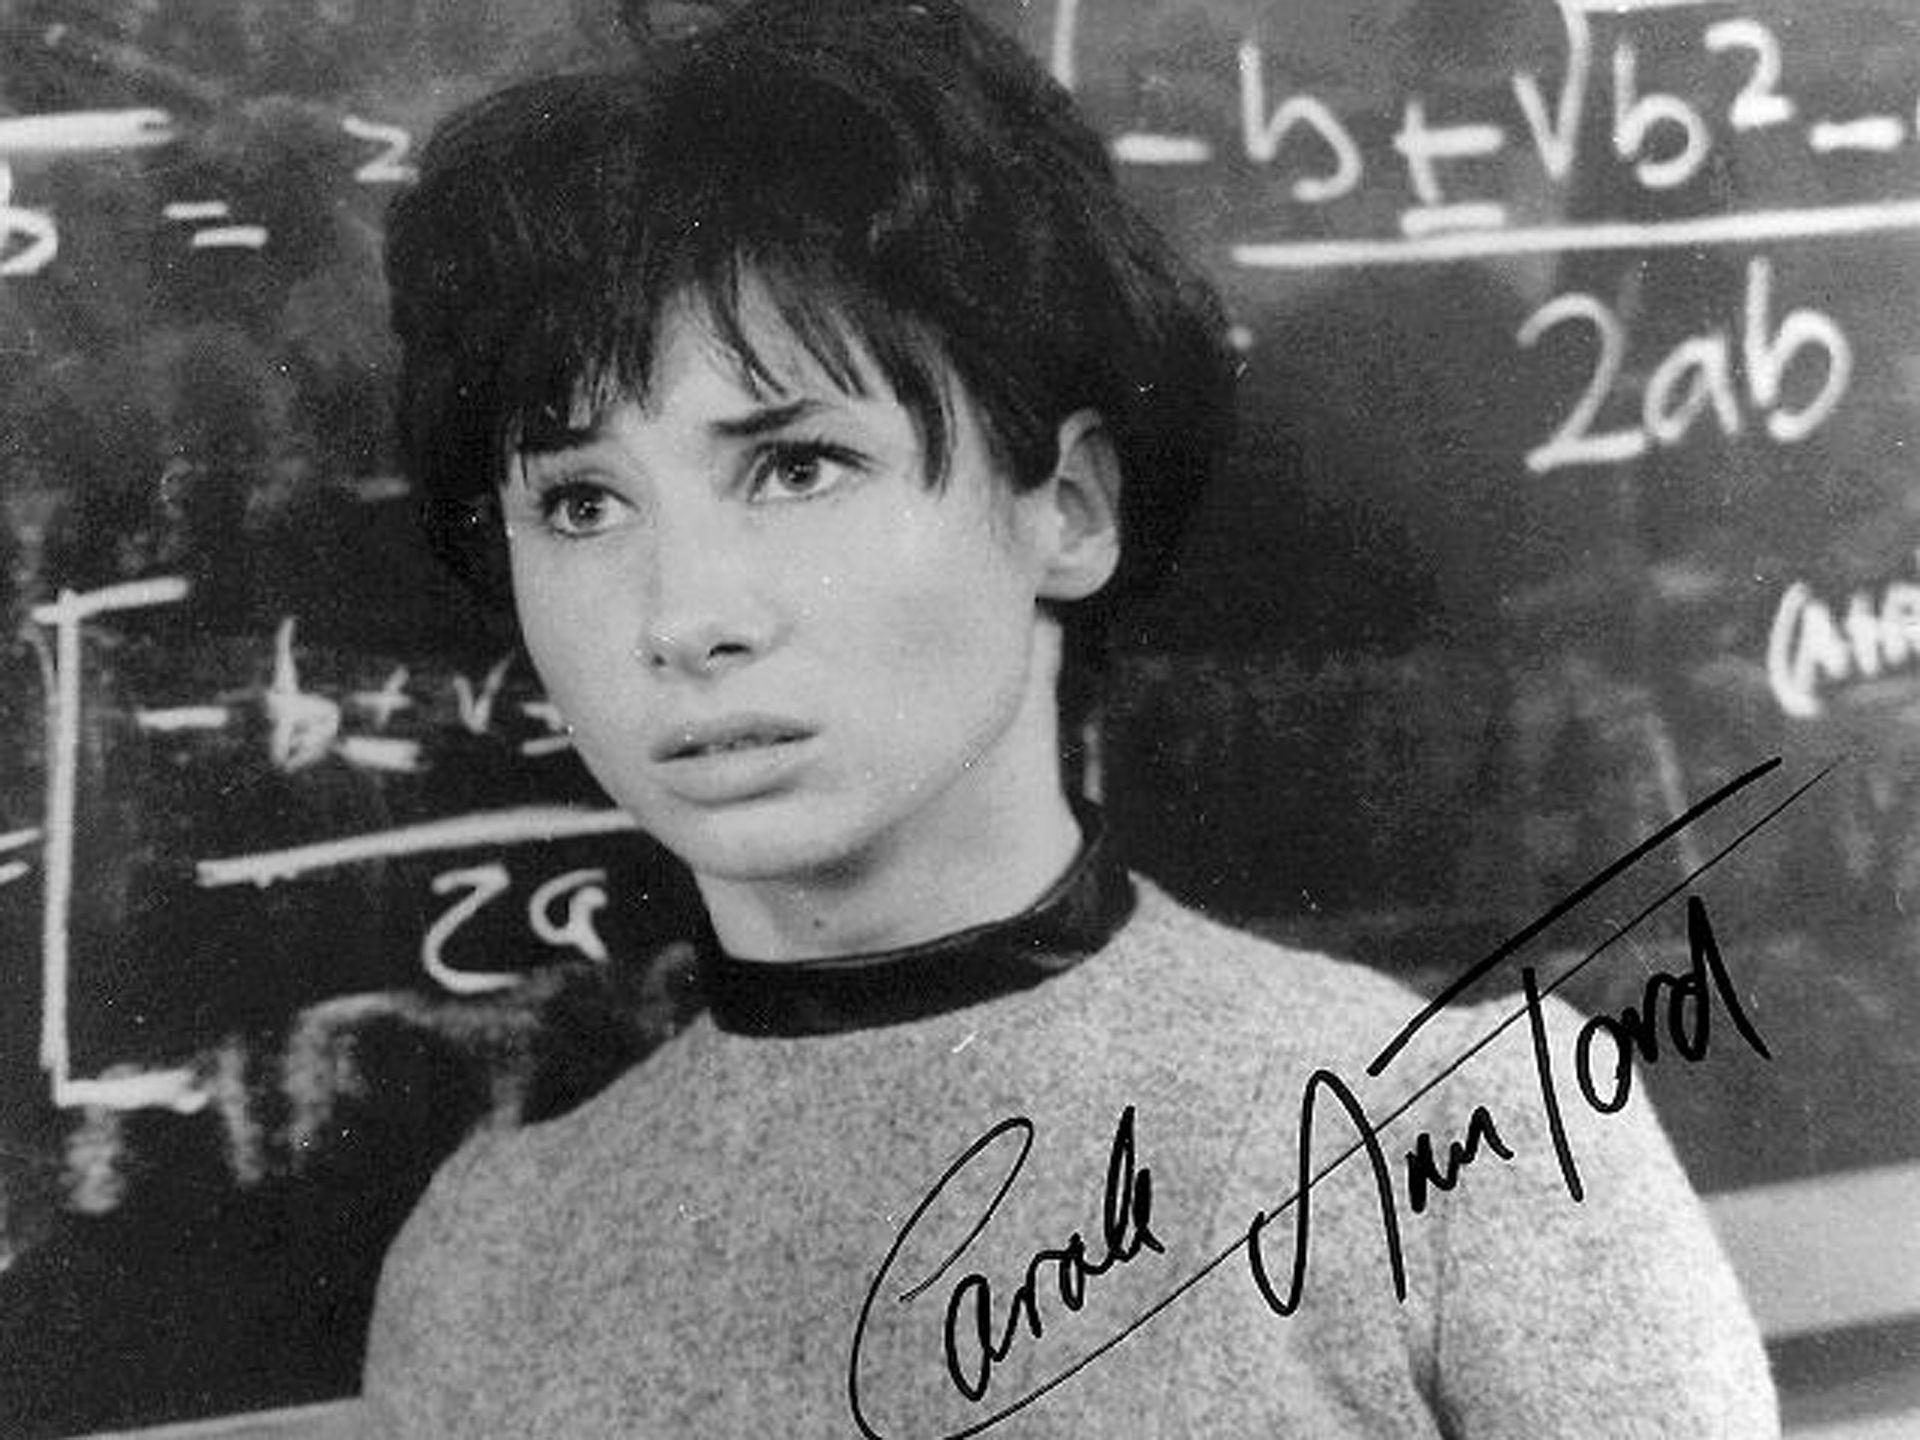 Carole ann ford susan foreman carole ann ford 2